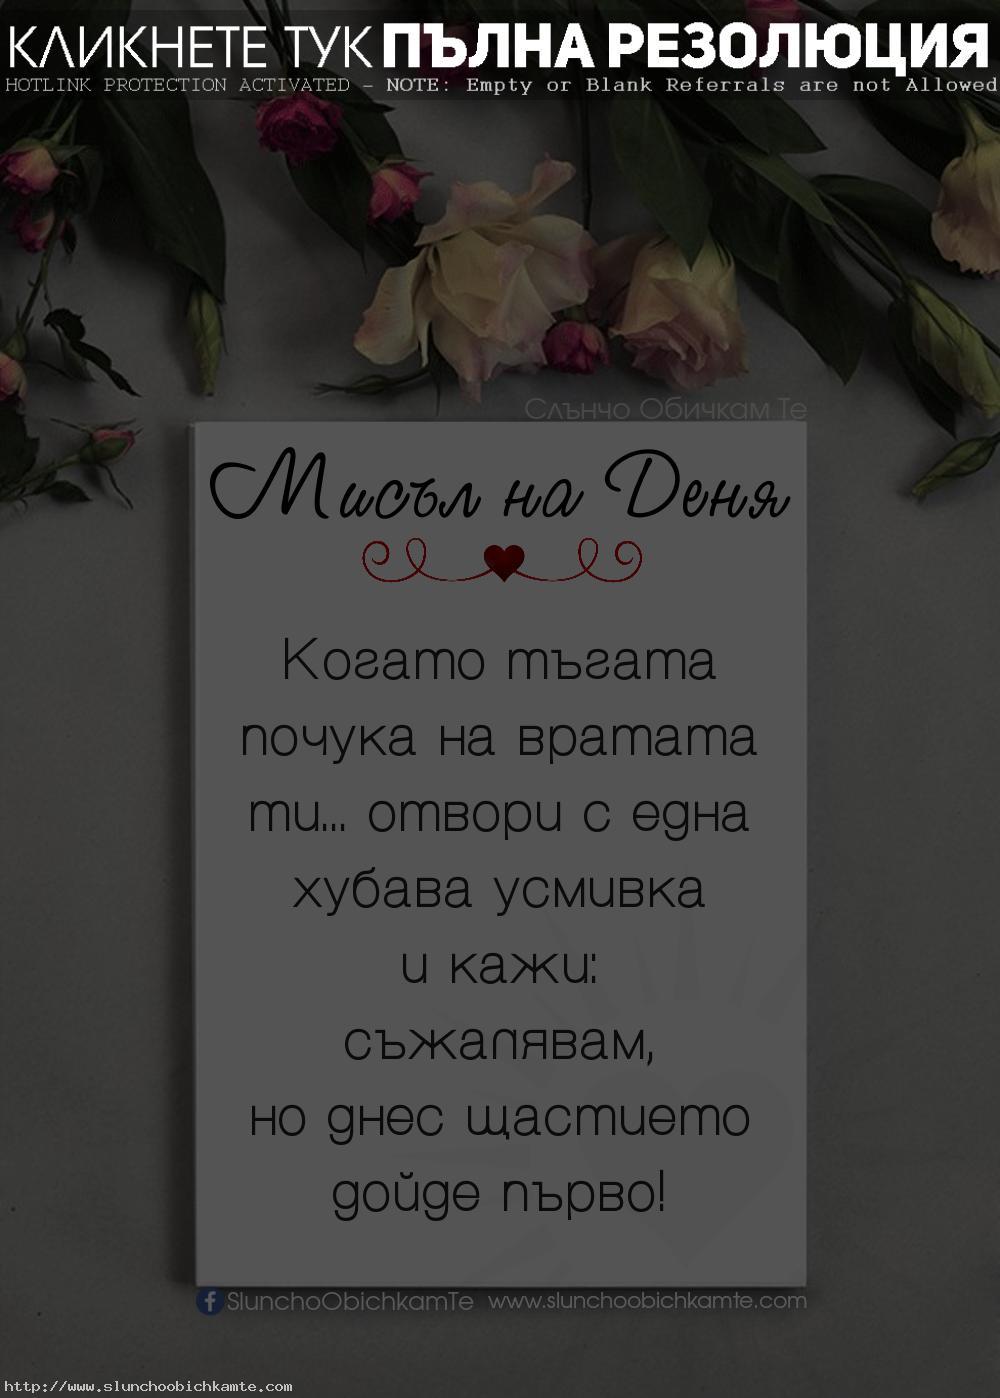 Когато тъгата почука на вратата ти, отвори с една хубава усмивка и кажи - Съжалявам, но днес щастието дойде първо! - Мисъл на Деня, любовни мисли, любовни статуси, любовни фрази, любовни цитати, мъдри мисли, тъга, щастие